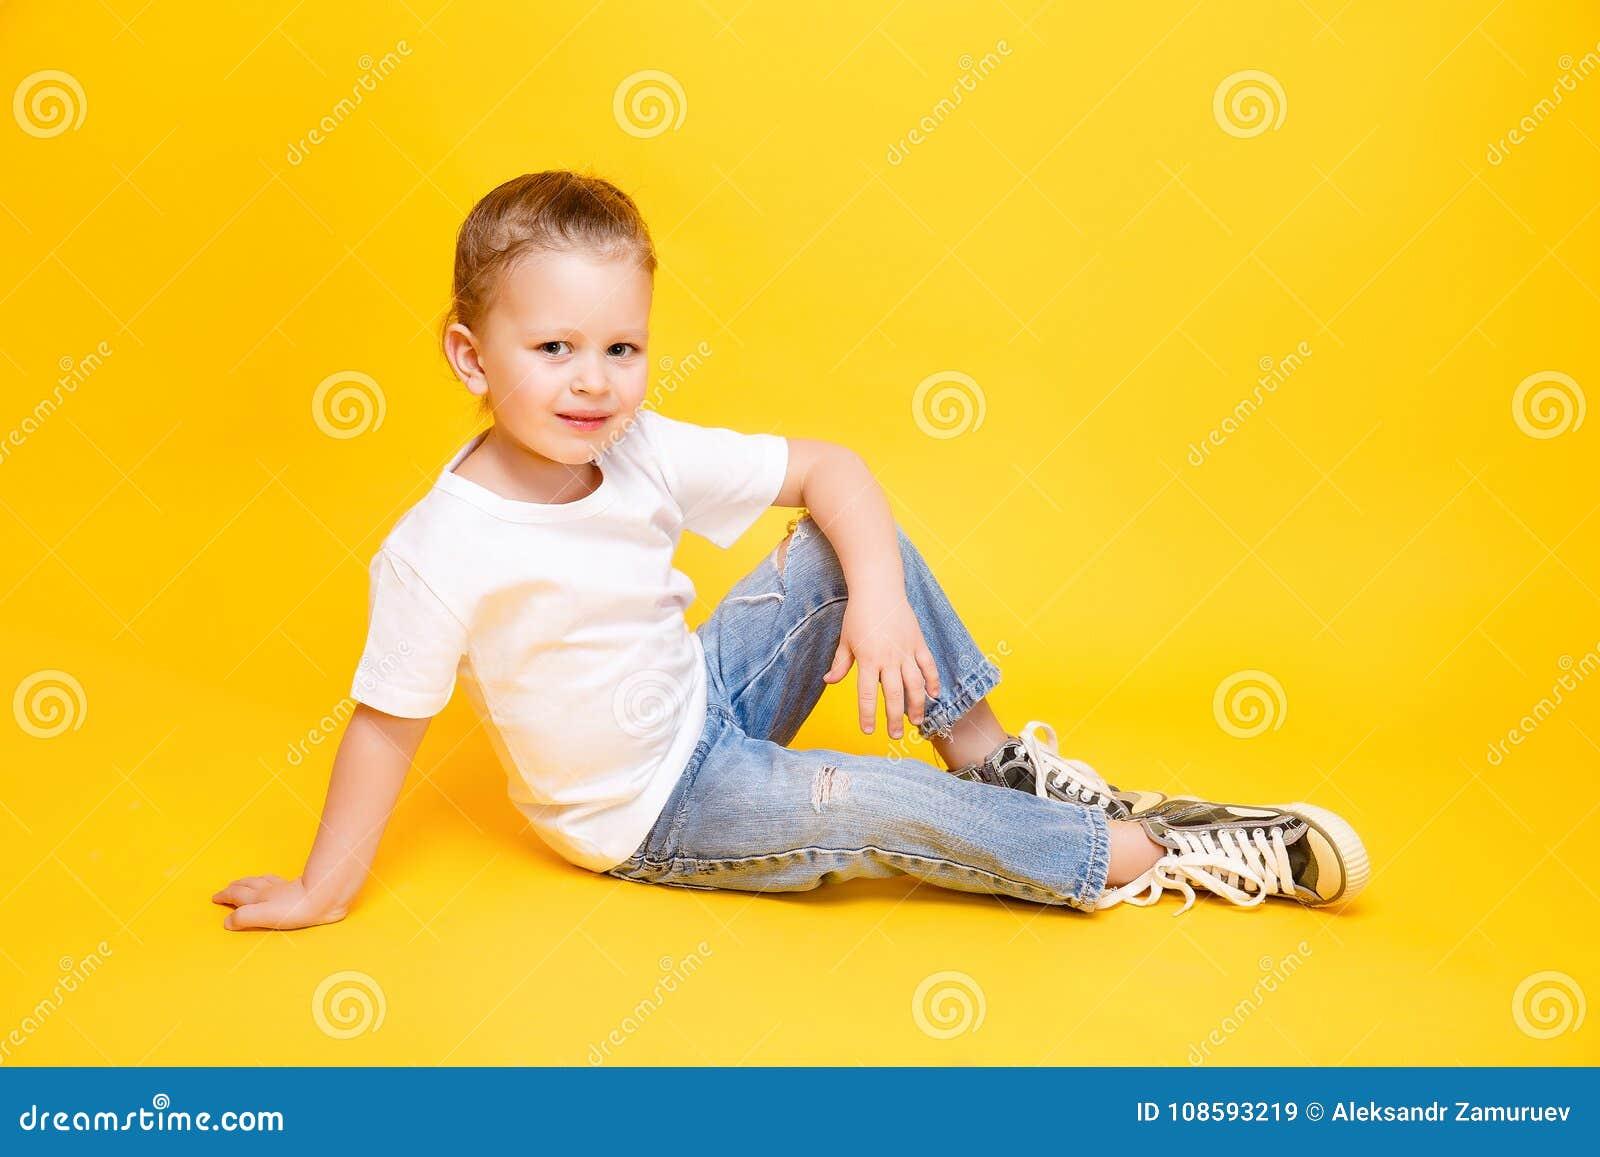 Adorable stylish girl posing on yellow background